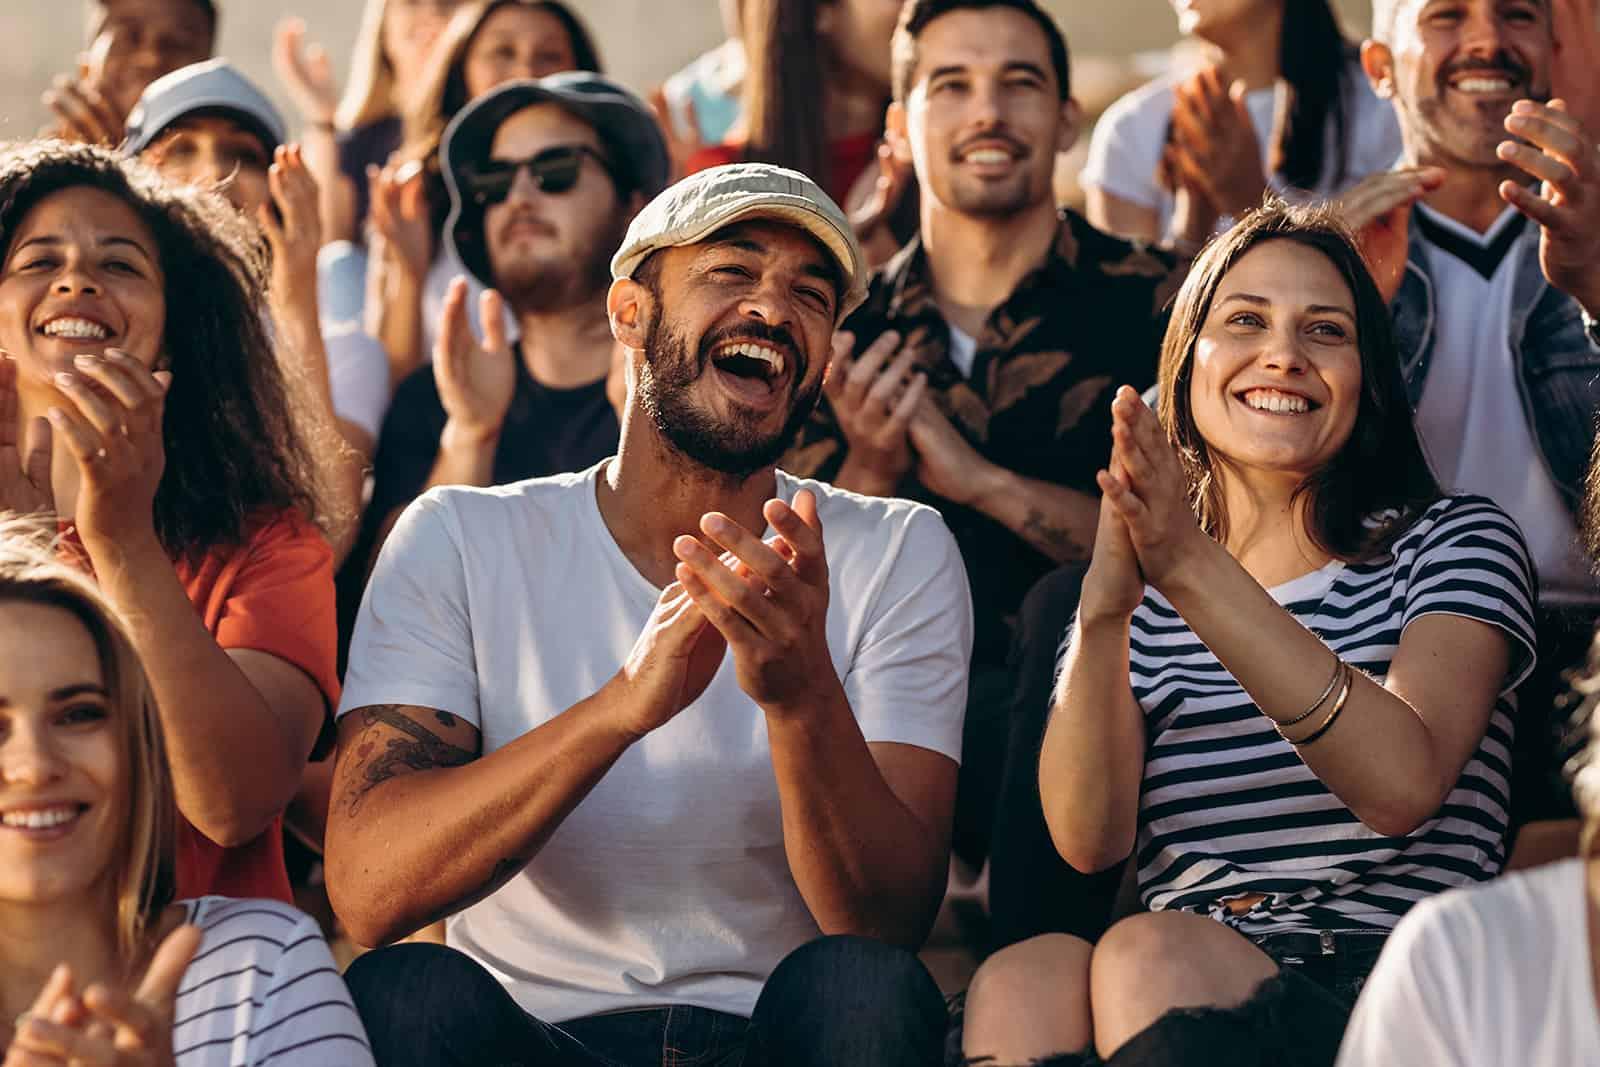 Gruppe von Menschen, die ein Sportereignis beobachten und jubeln